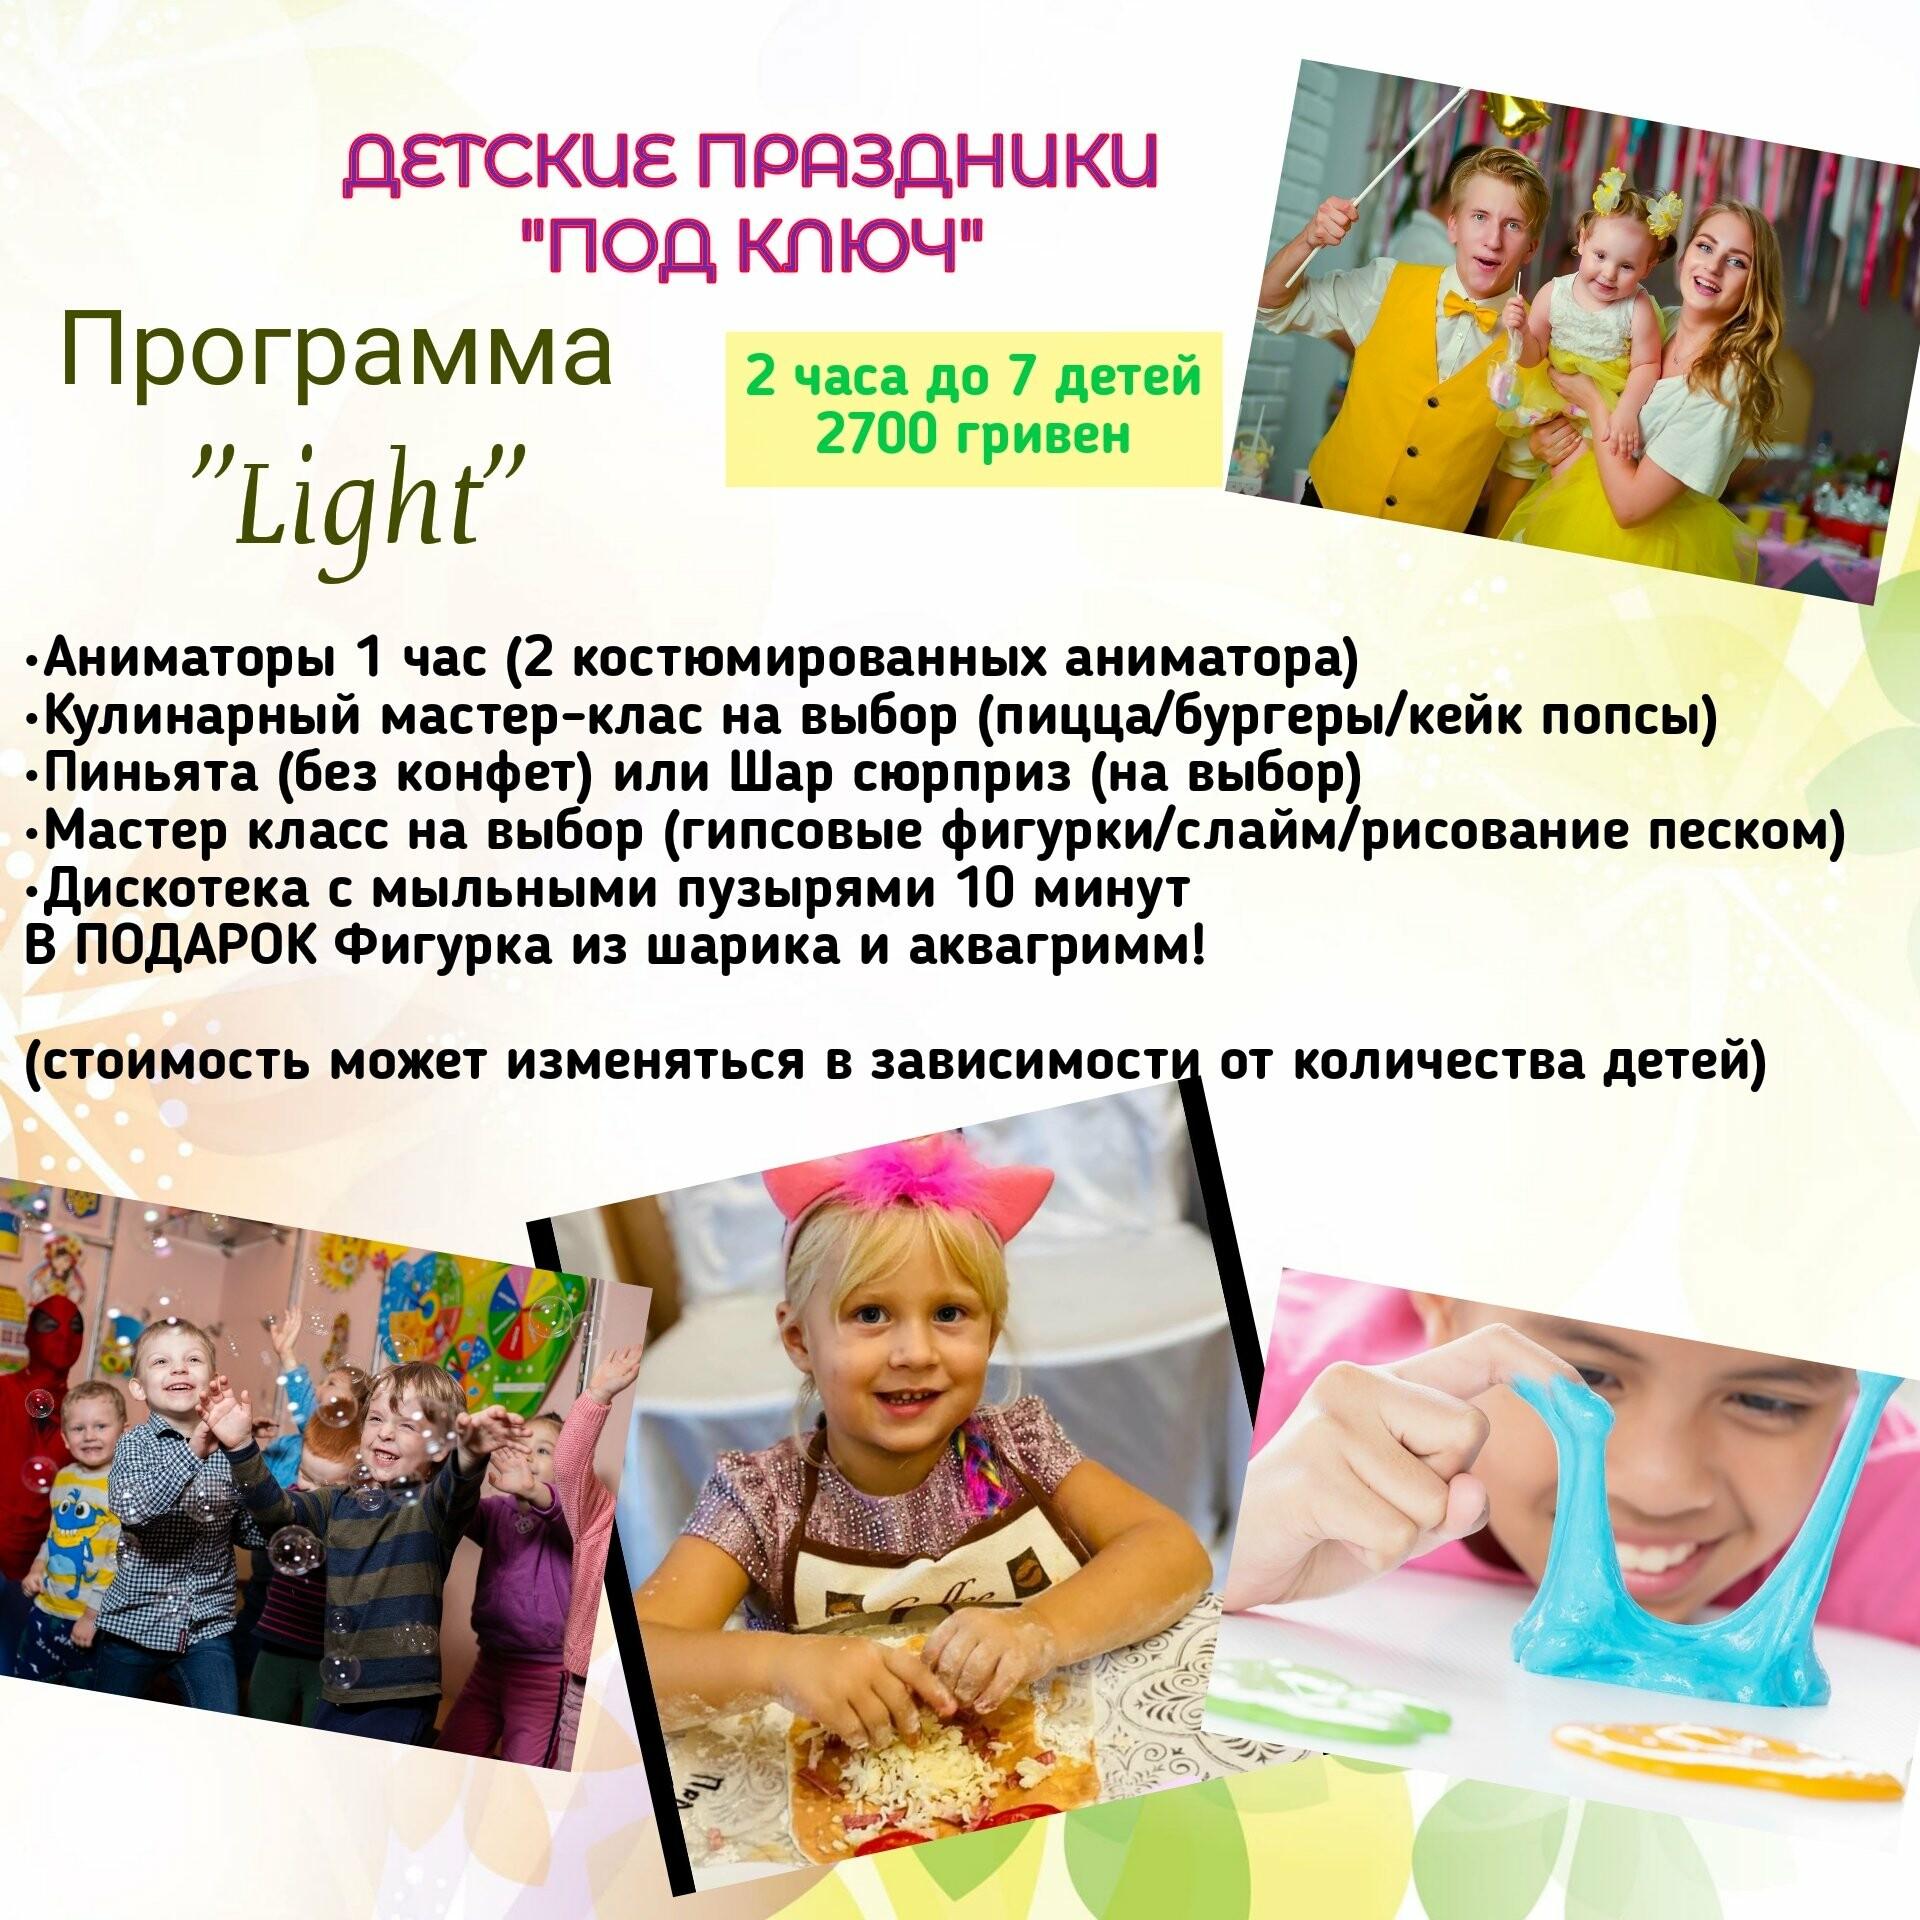 Детский день рождения в Запорожье, выпускной в Запорожье, праздник для именинника в Запорожье только у нас - ресторанный комплекс Раут г...., фото-3